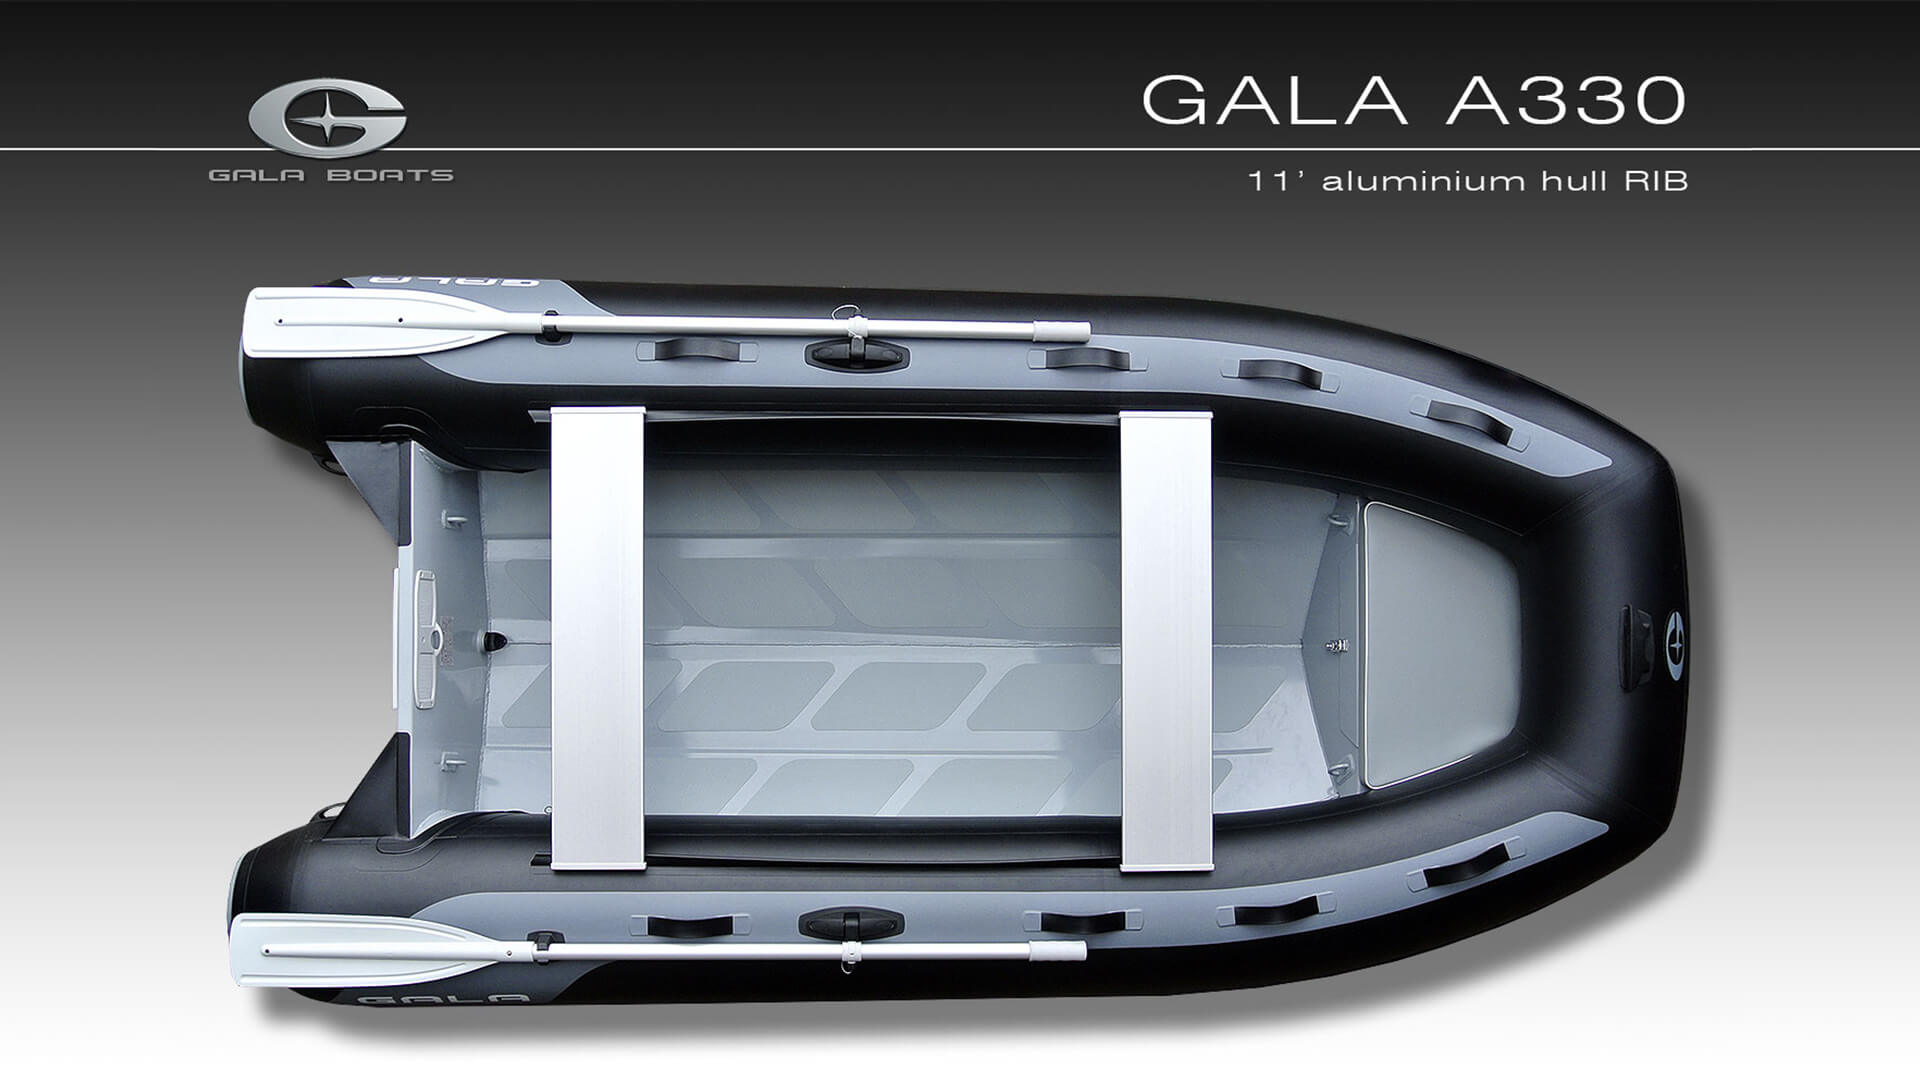 Надувная лодка с жестким алюминиевым дном GALA Atlantis A330, Надувная лодка с жестким дном GALA Atlantis A330, Надувная лодка с жестким дном GALA A330, Надувная лодка GALA A330, Надувная лодка GALA A330, GALA A330, Надувная лодка GALA A330D, Надувная лодка GALA A330D, GALA A330D, лодка с жестким дном, алюминиевый риб, алюминиевый RIB, RIB, тендерная лодка, тендер для яхты